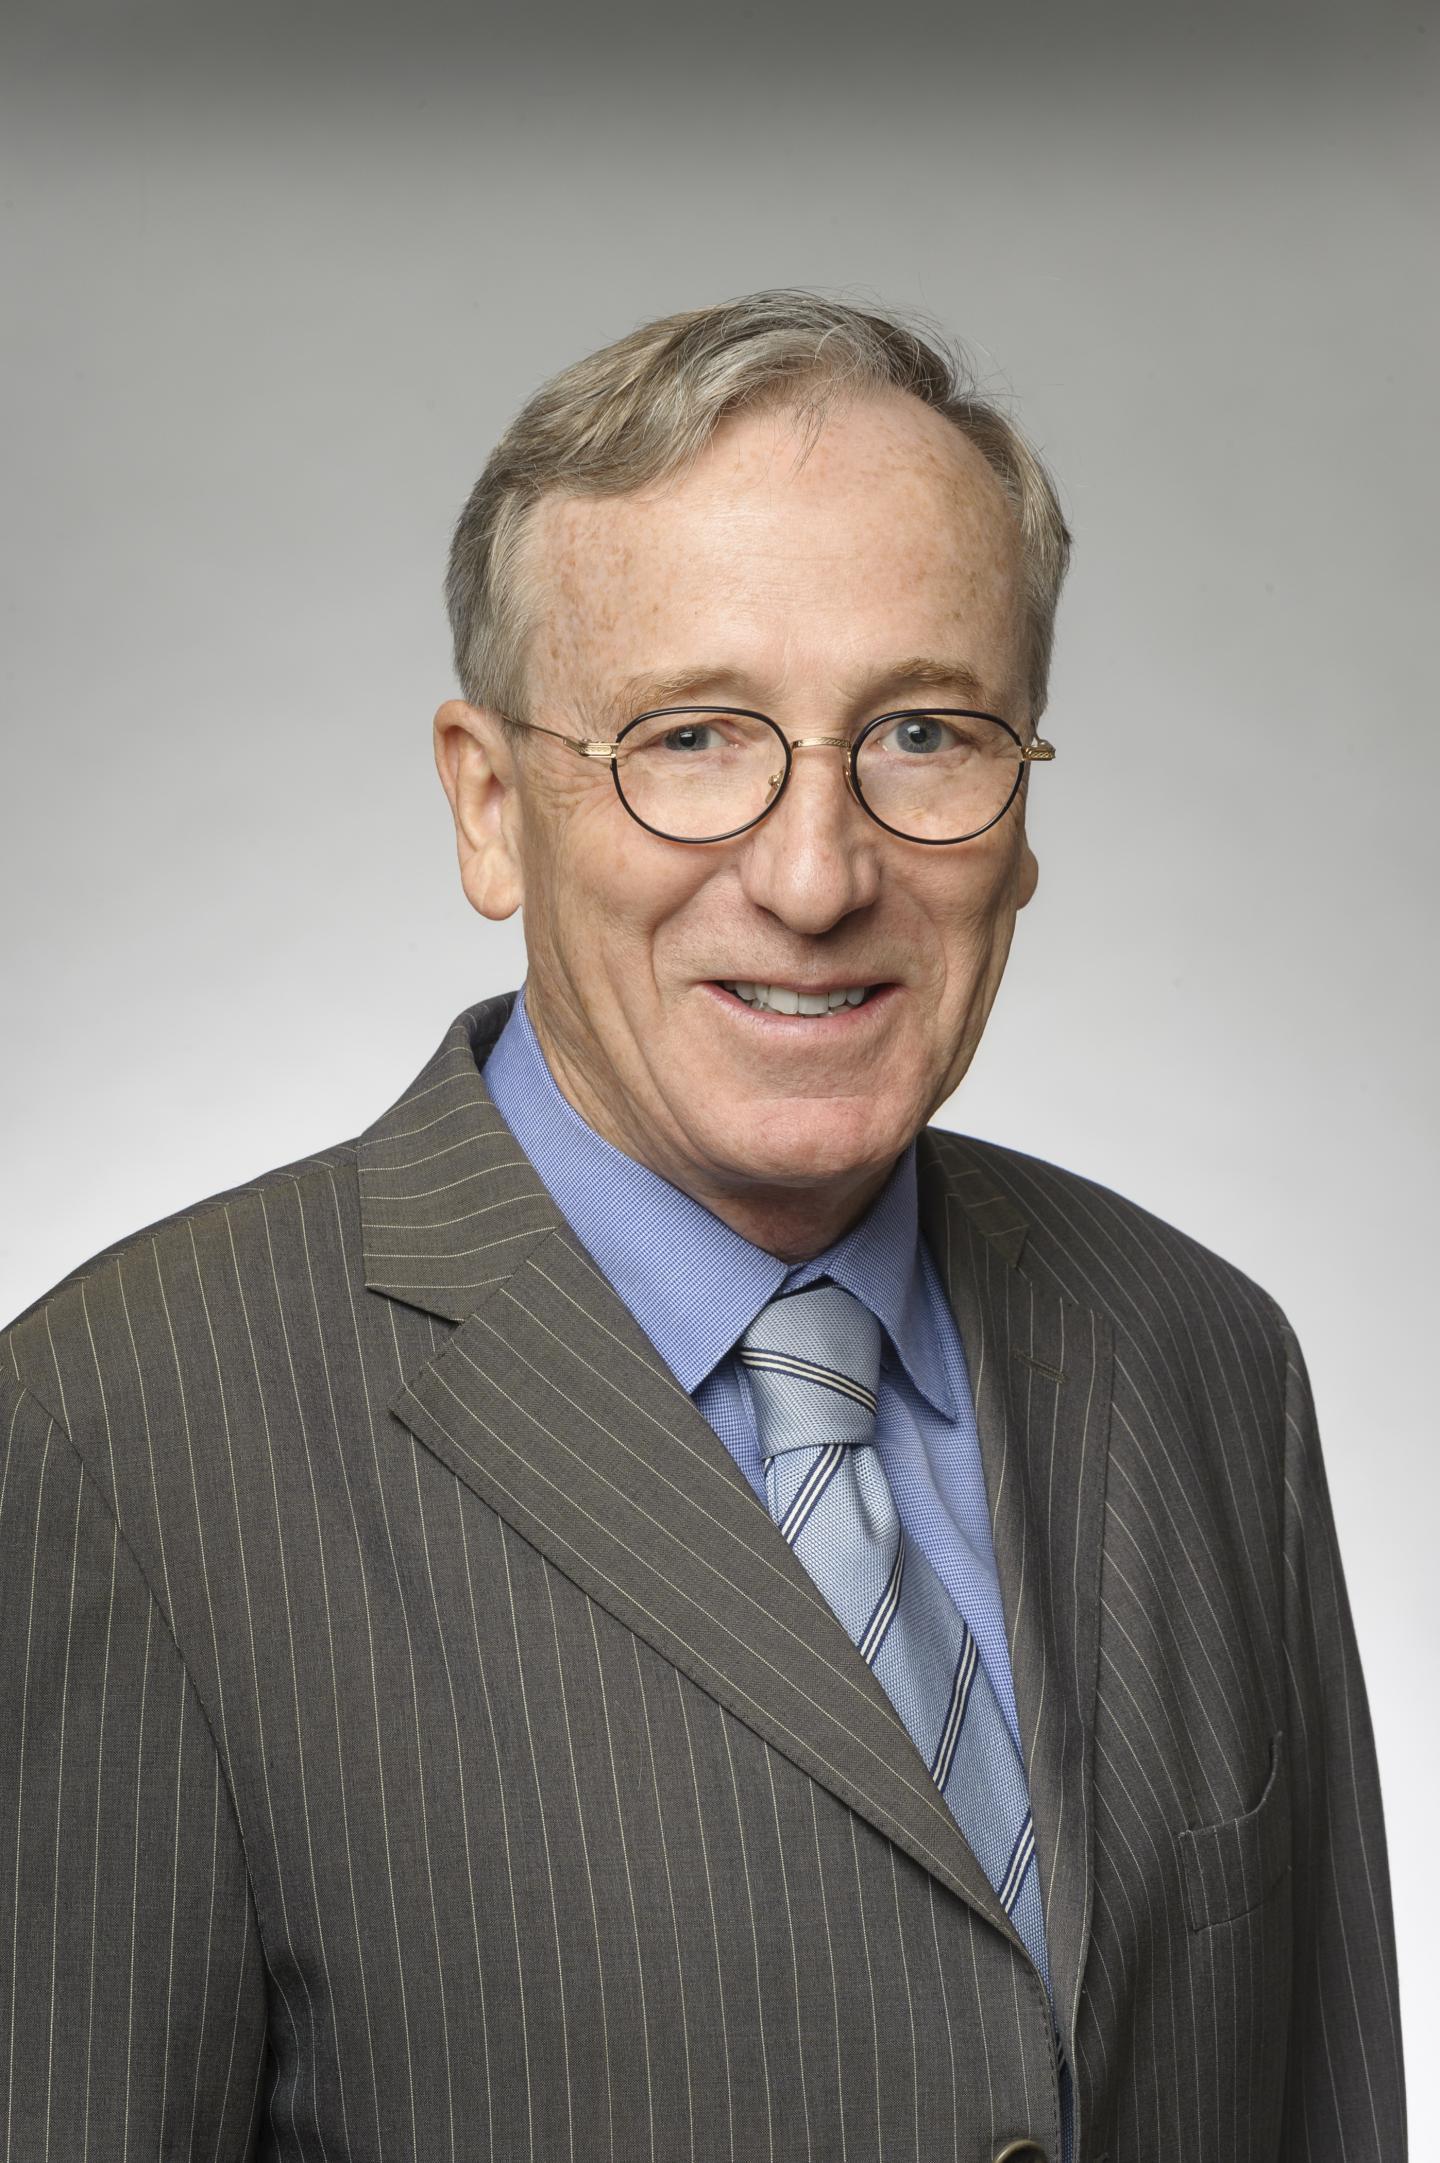 Christian S. Stohler, Columbia University Medical Center